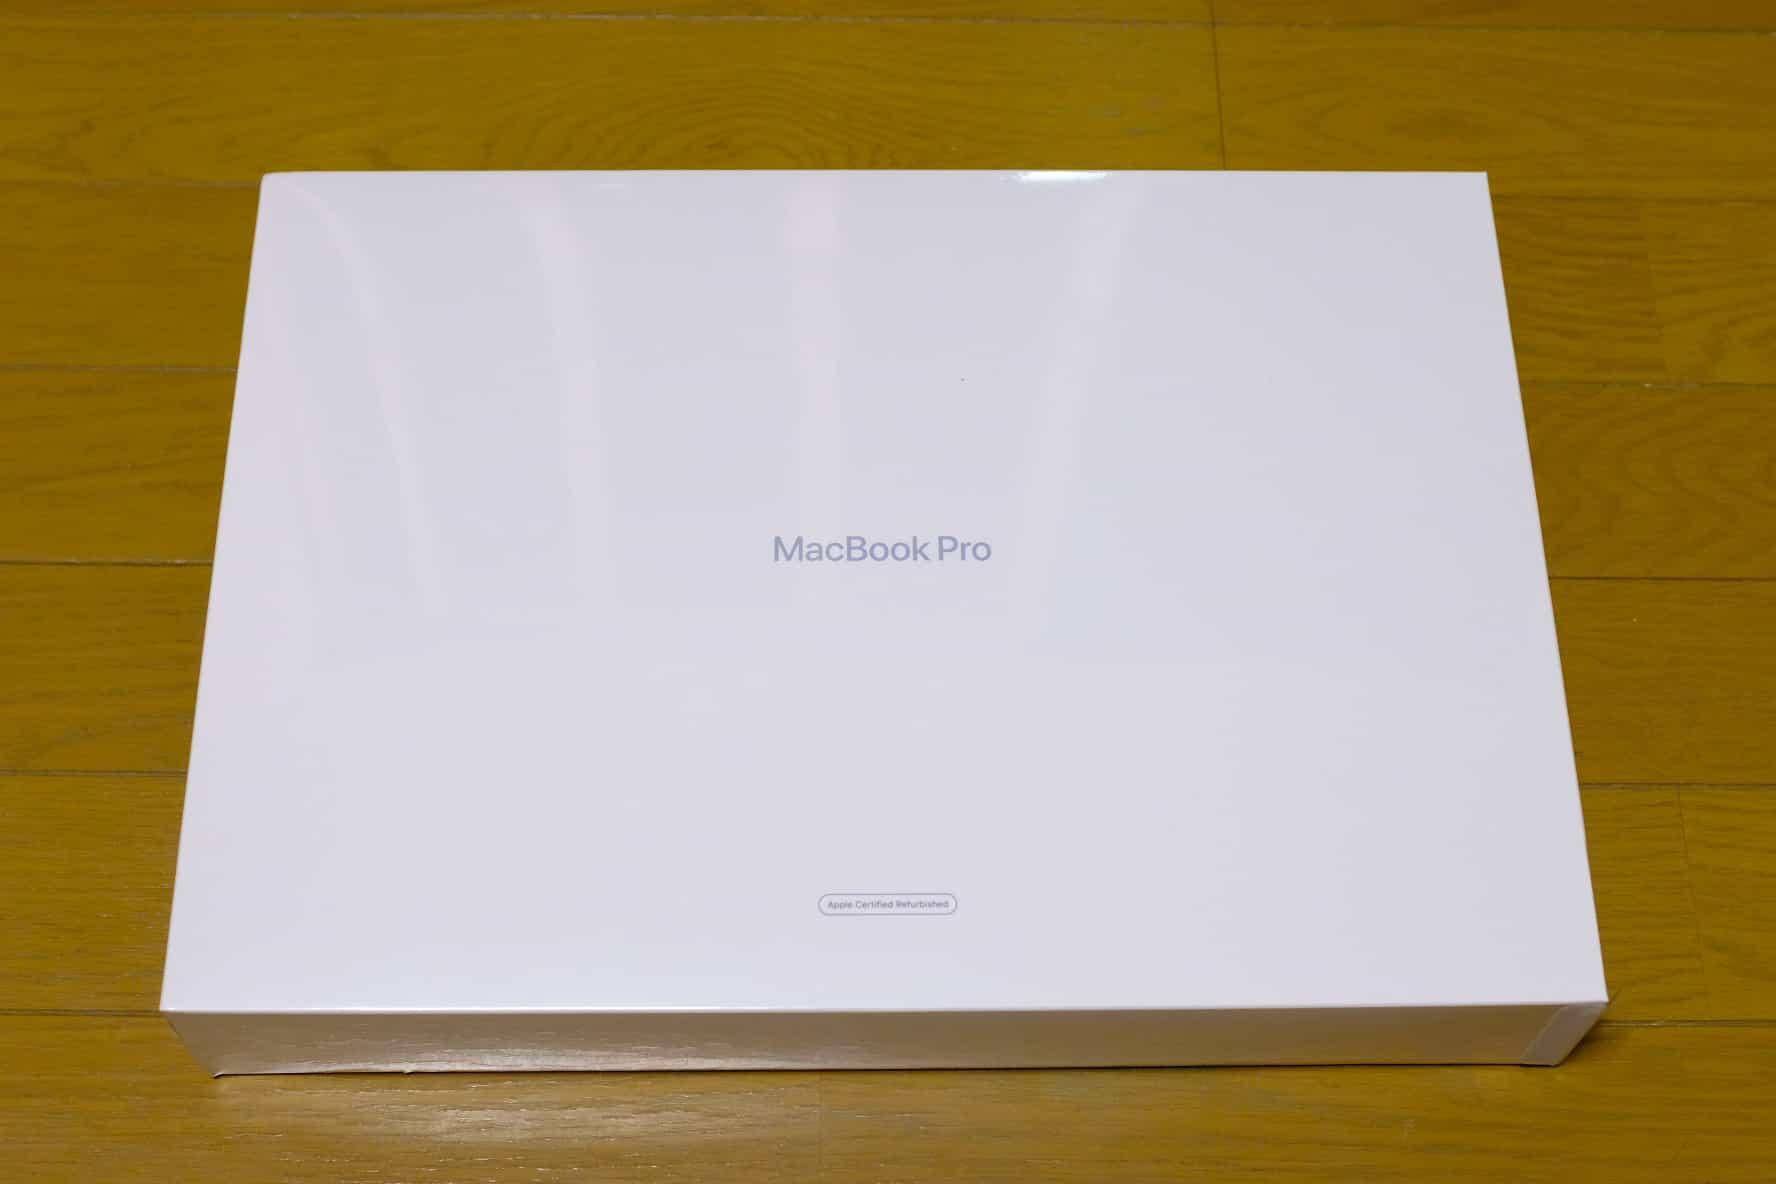 16インチ MacBook Pro.整備済製品